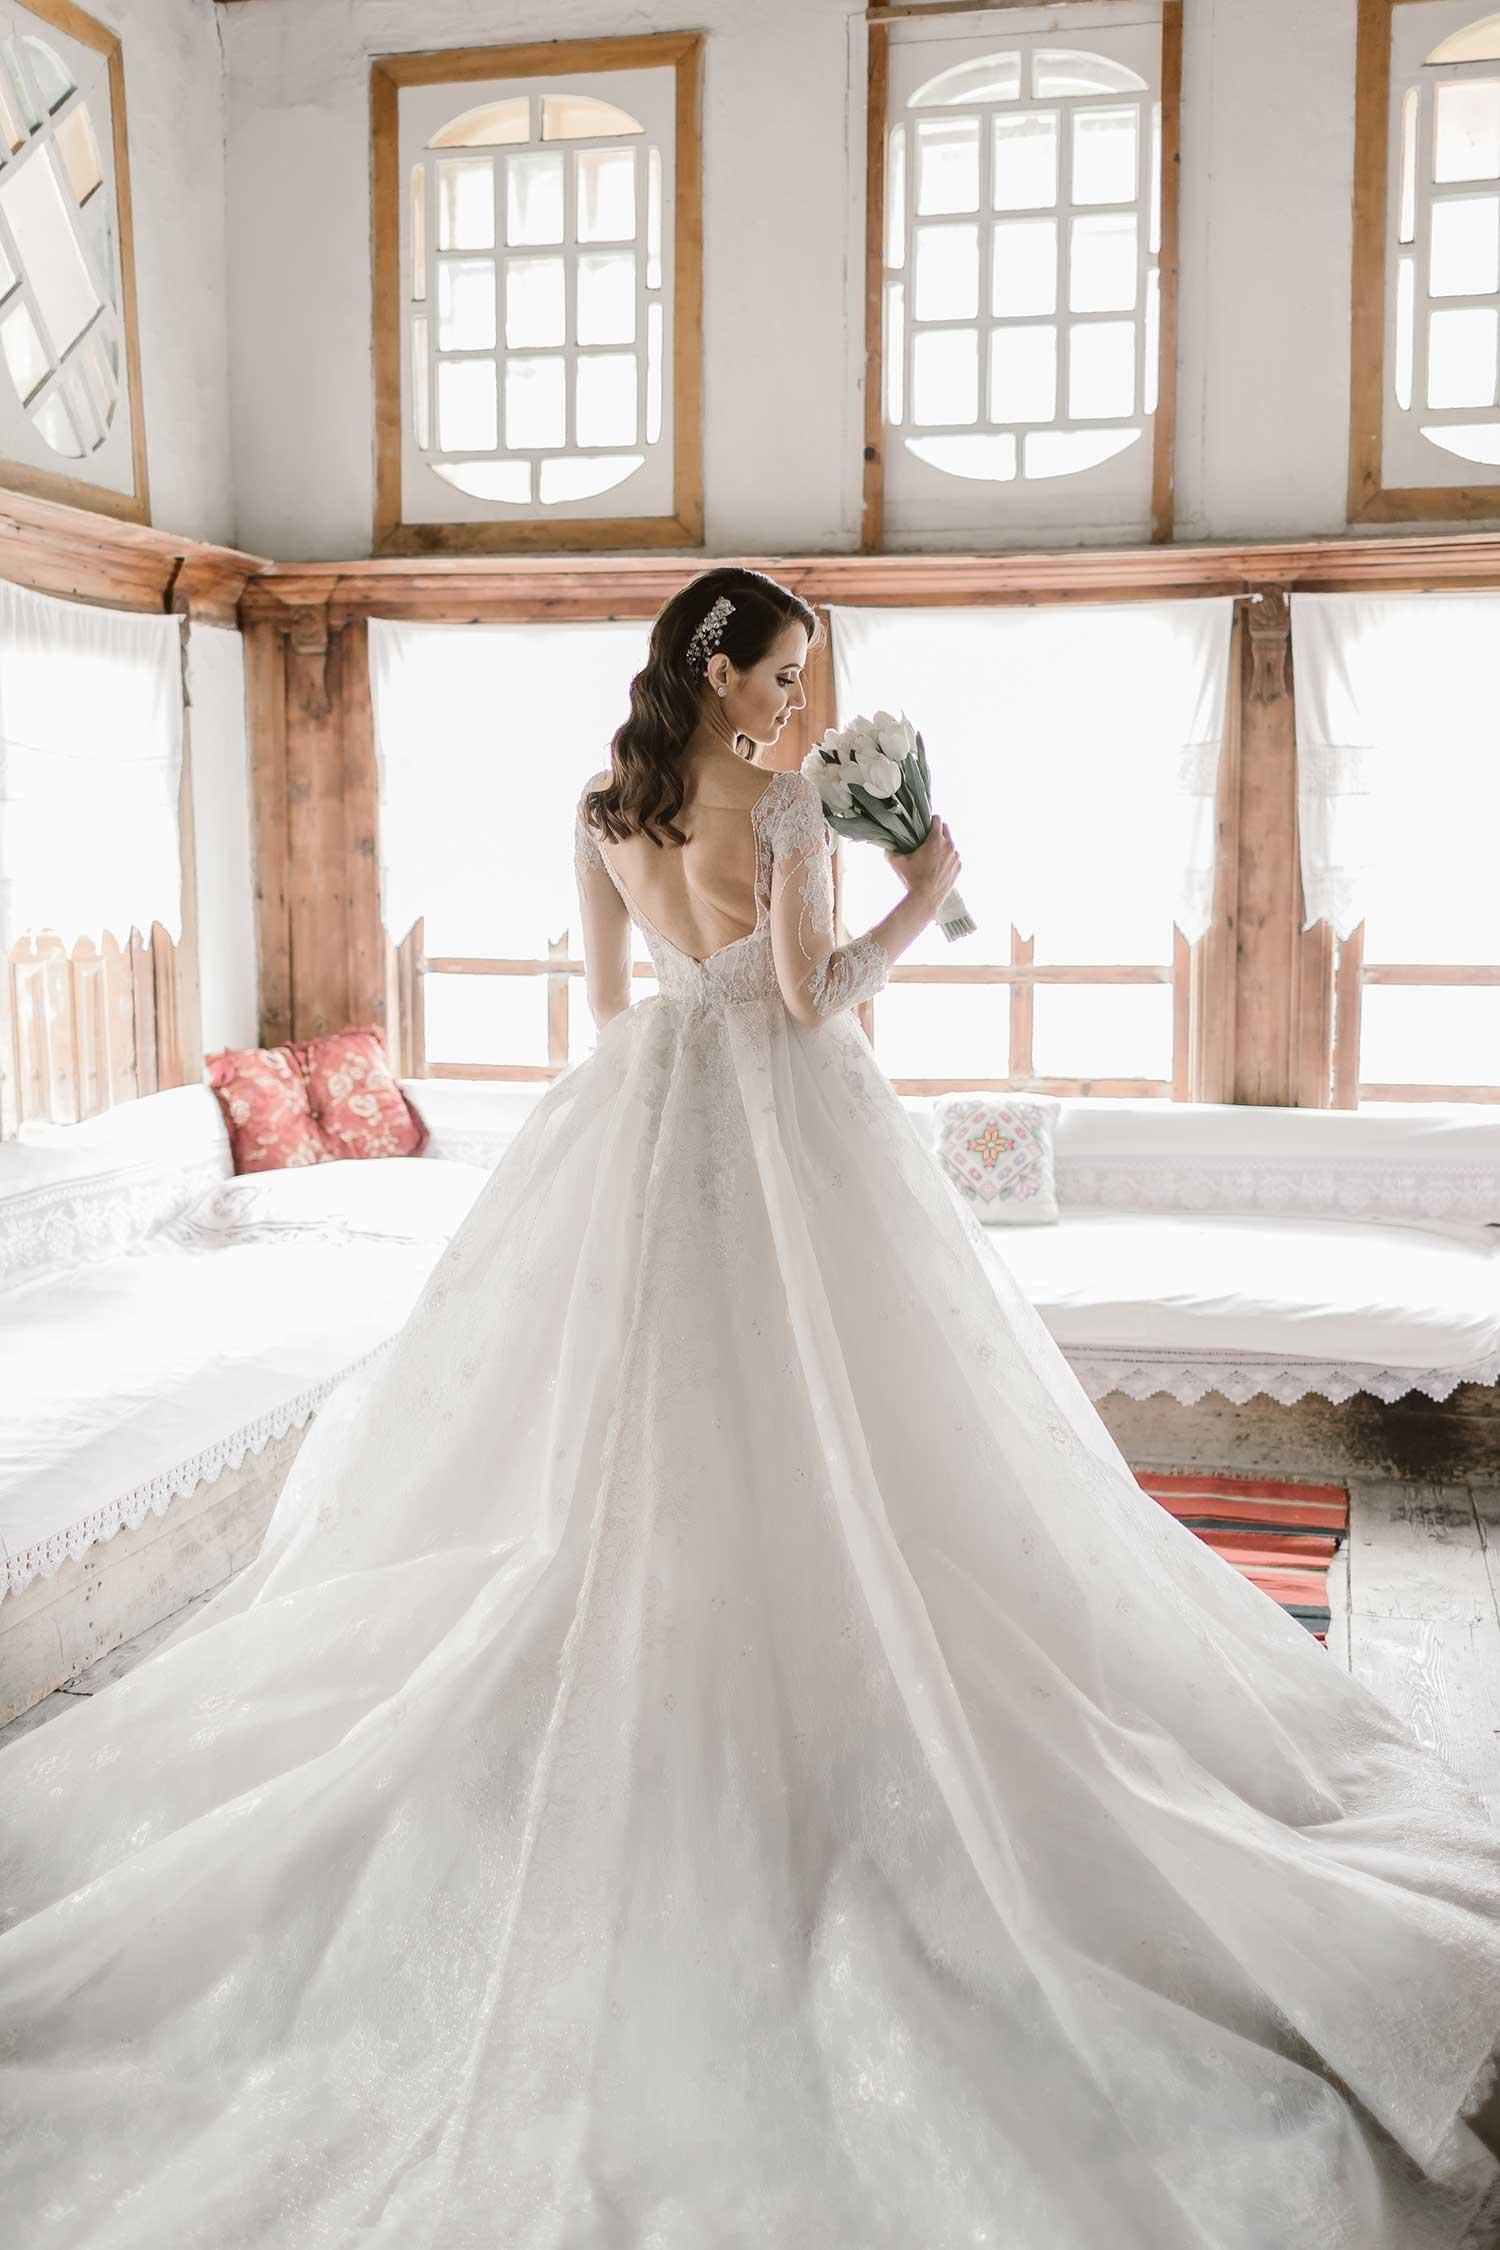 Bride wearing a ball gown wedding dress